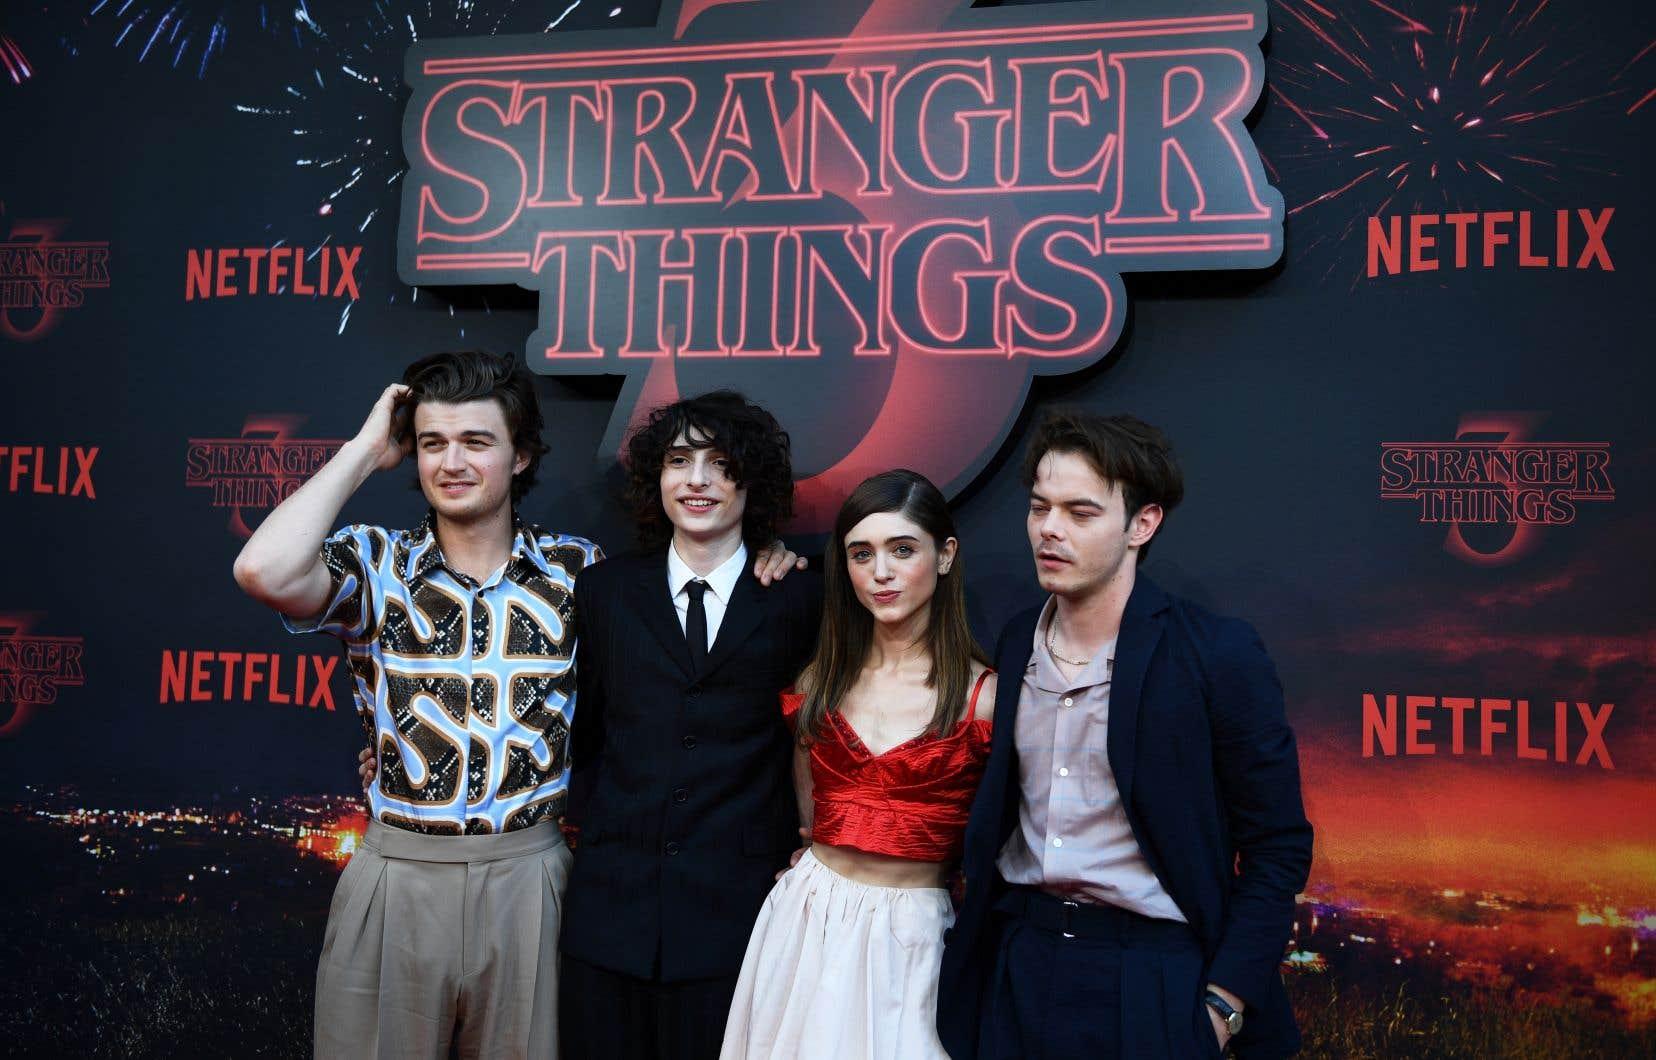 Lancée en 2016, «Stranger Things», entièrement construite comme un hommage aux années 80, a été un succès immédiat pour Netflix.